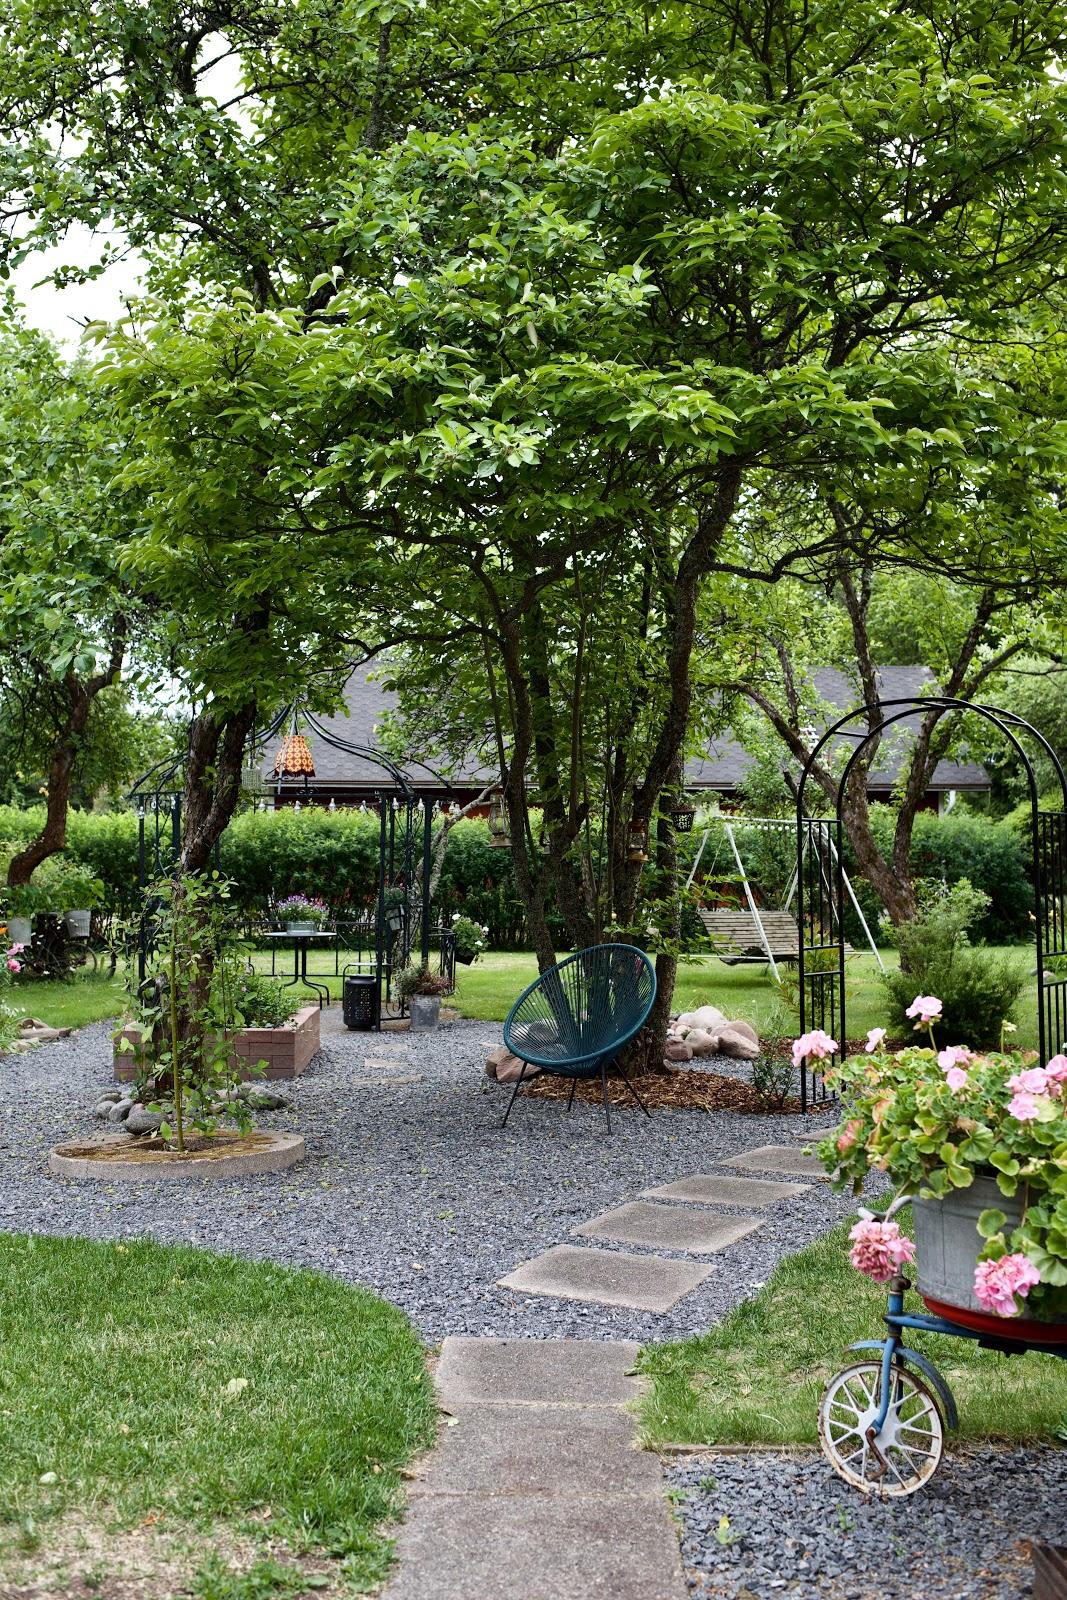 Keltainen kahvipannu blogi. Vanhan talon puutarha.